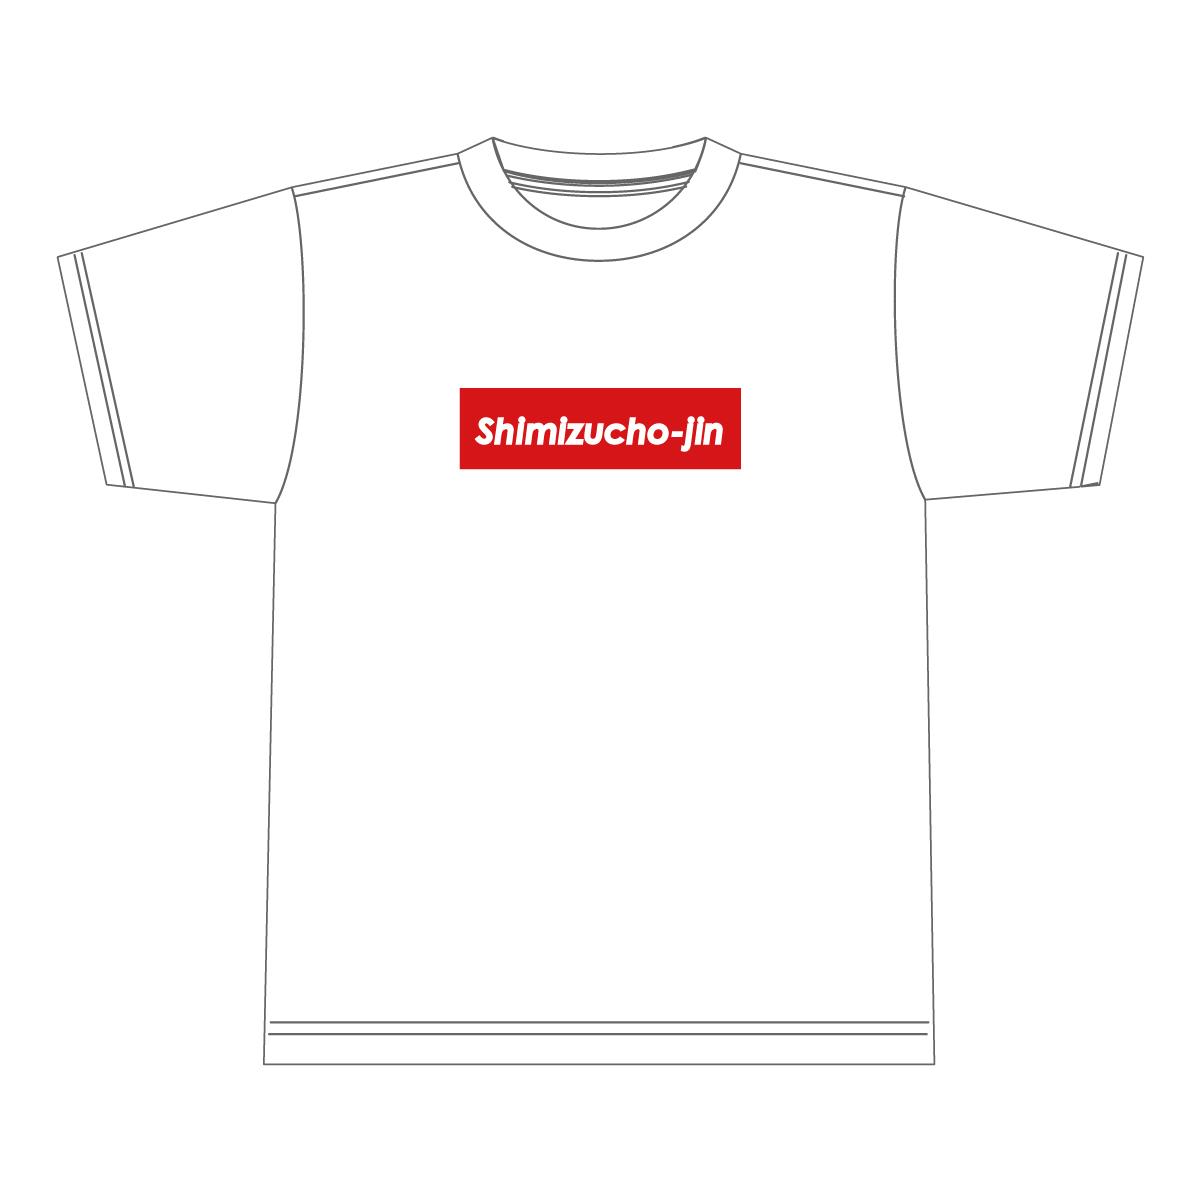 清水町 Shimizucho-jin Tシャツ パクリーム ホワイト 白 販売期間 限定のお得なタイムセール ワンポイント ロゴ 静岡 お土産 静岡人 静岡県 ご当地 期間限定送料無料